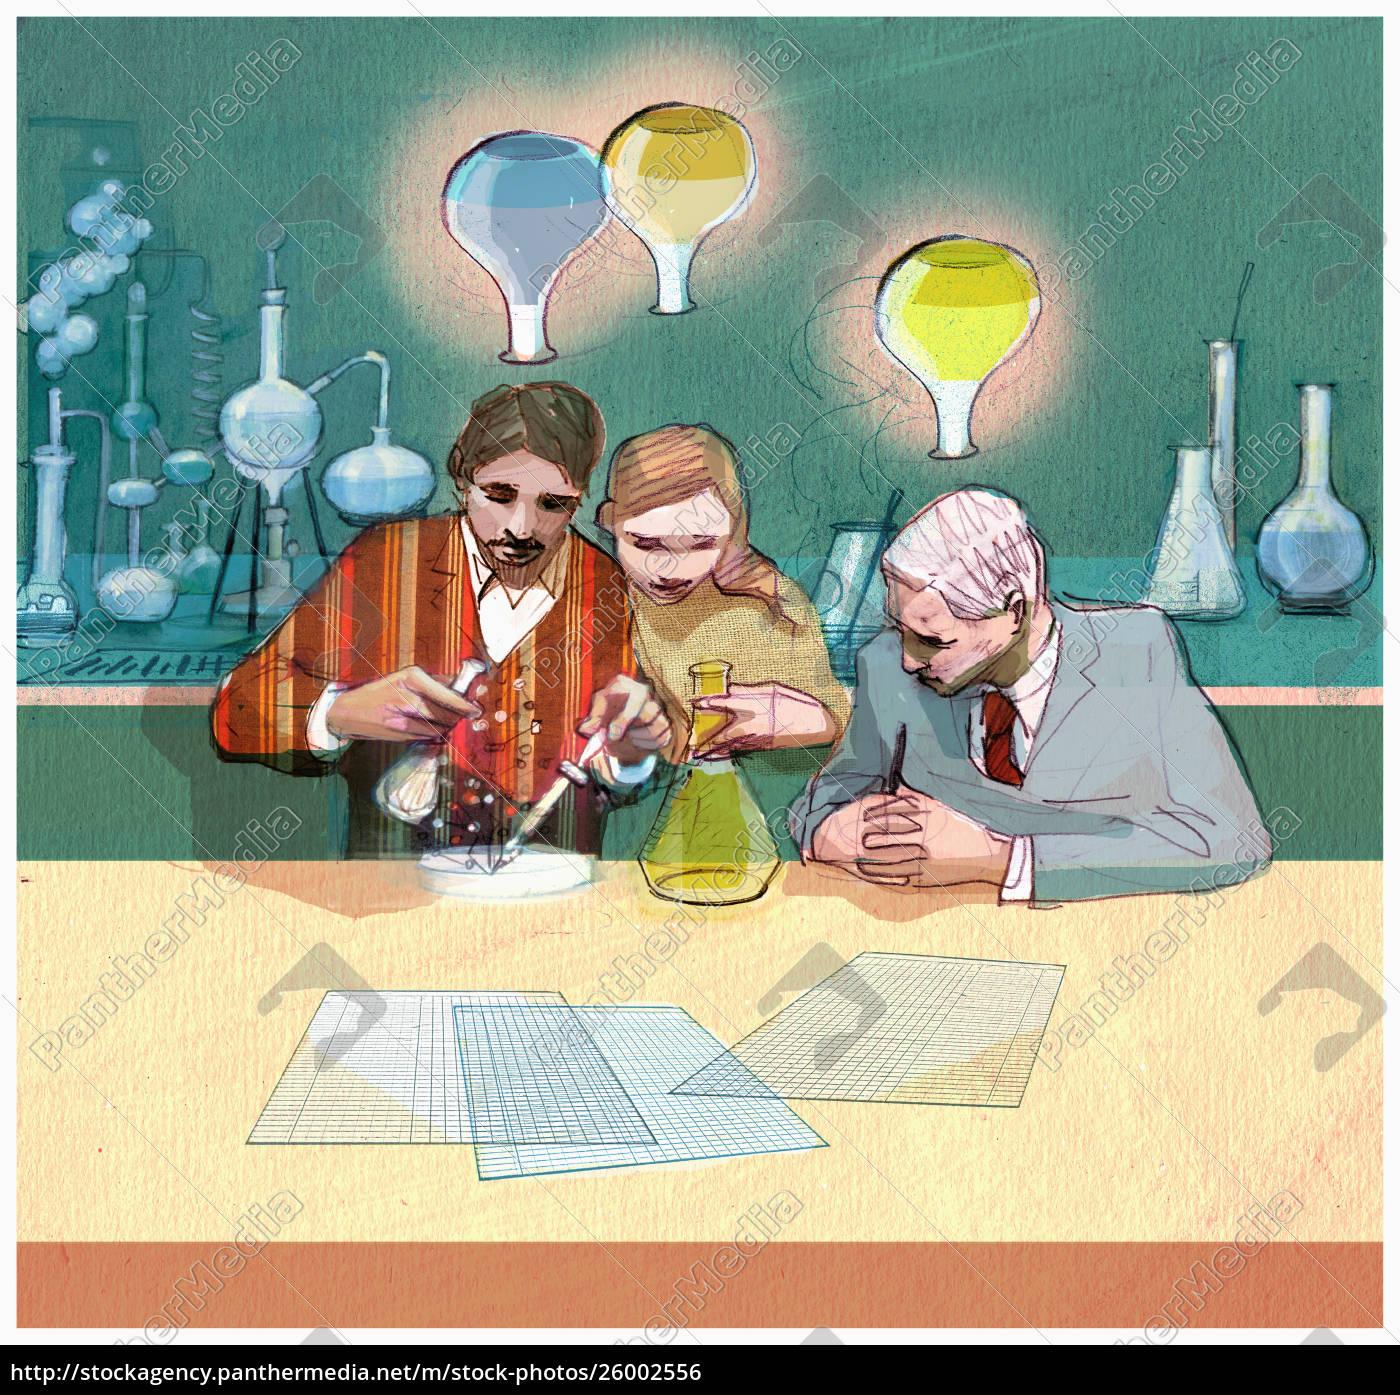 wissenschaftler, arbeiten, an, experimenten - 26002556